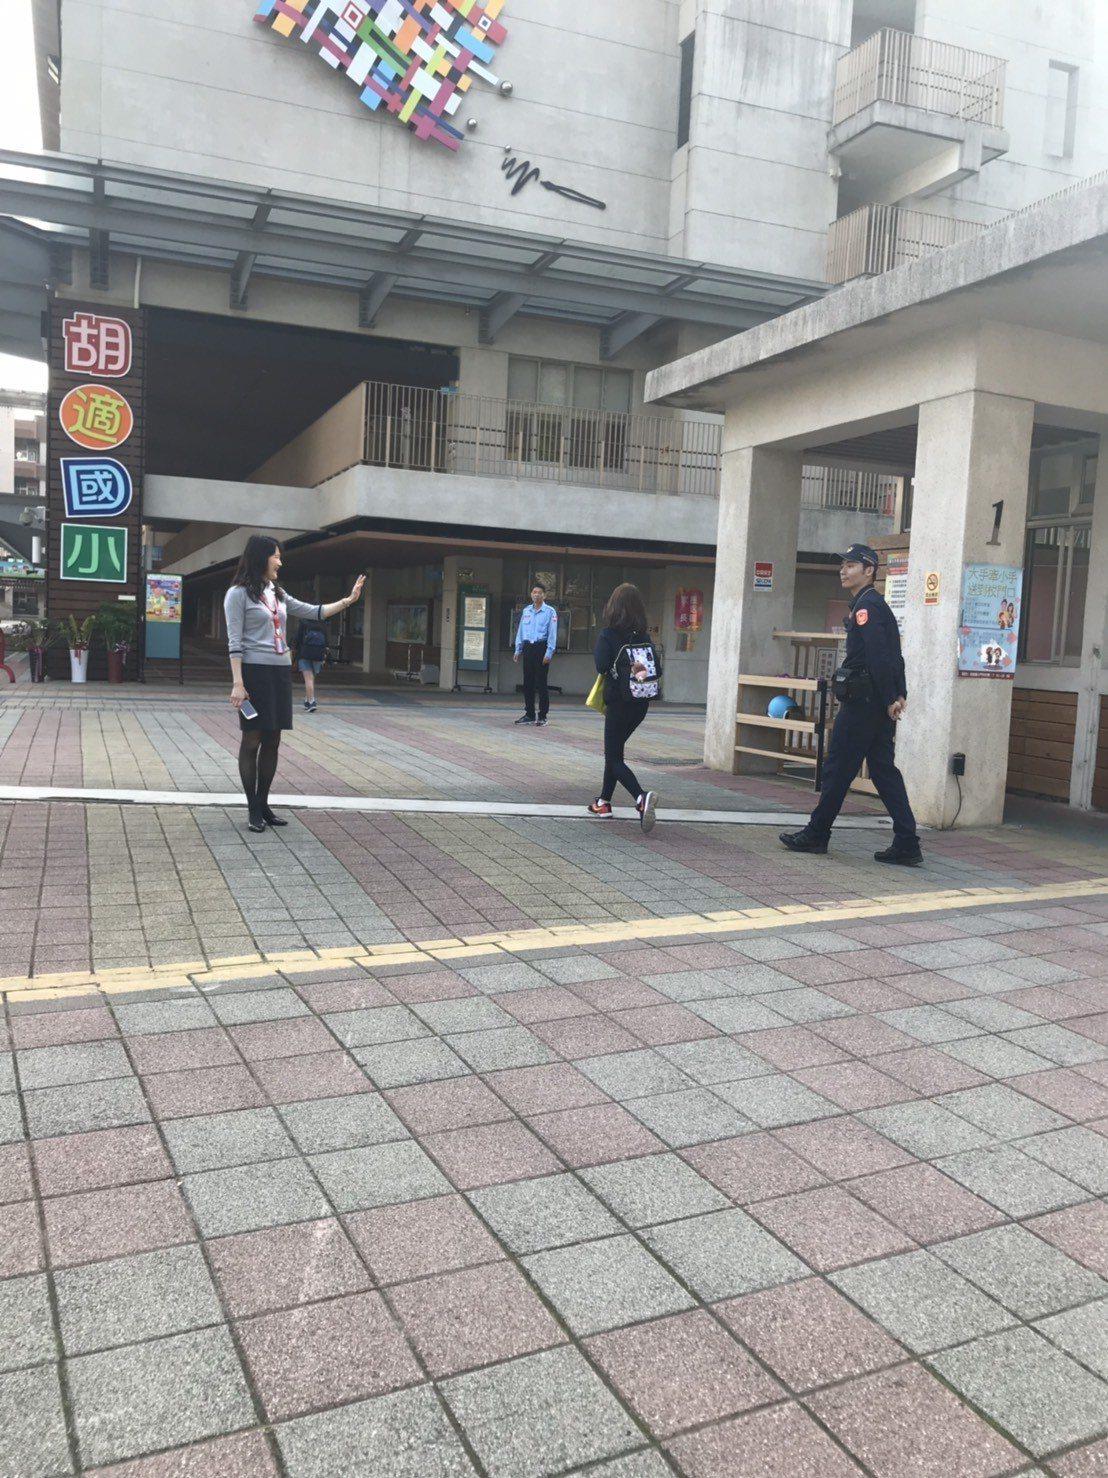 全國警察換穿新制服,台北市南港警分局利用上學時段,派員至轄區內各國小執行護童勤務...